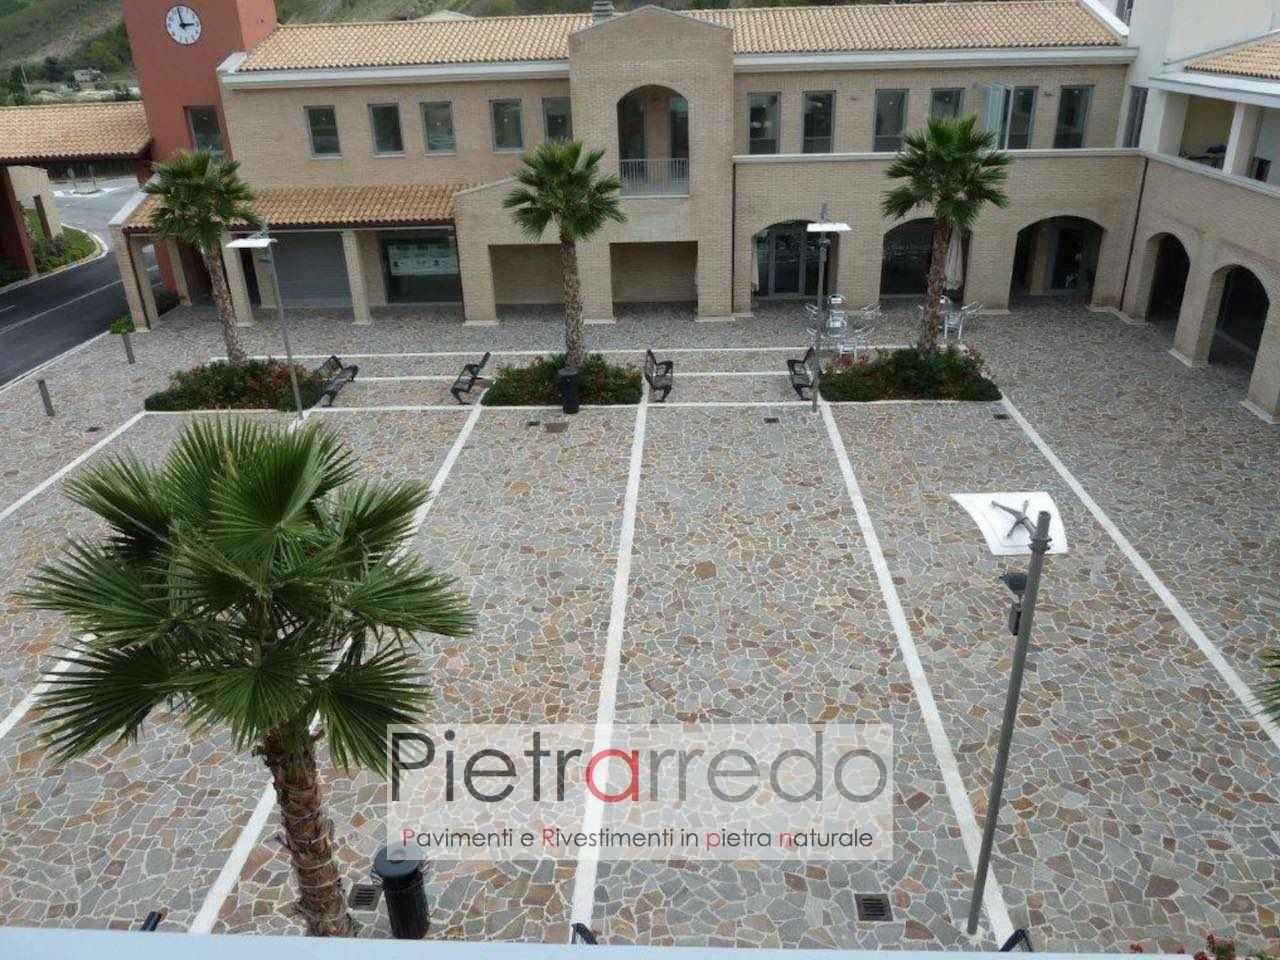 pavimento piazza cortile in porfido lastrame mosaico opus incertum prezzo costi offerta pietrarredo parabiago mi